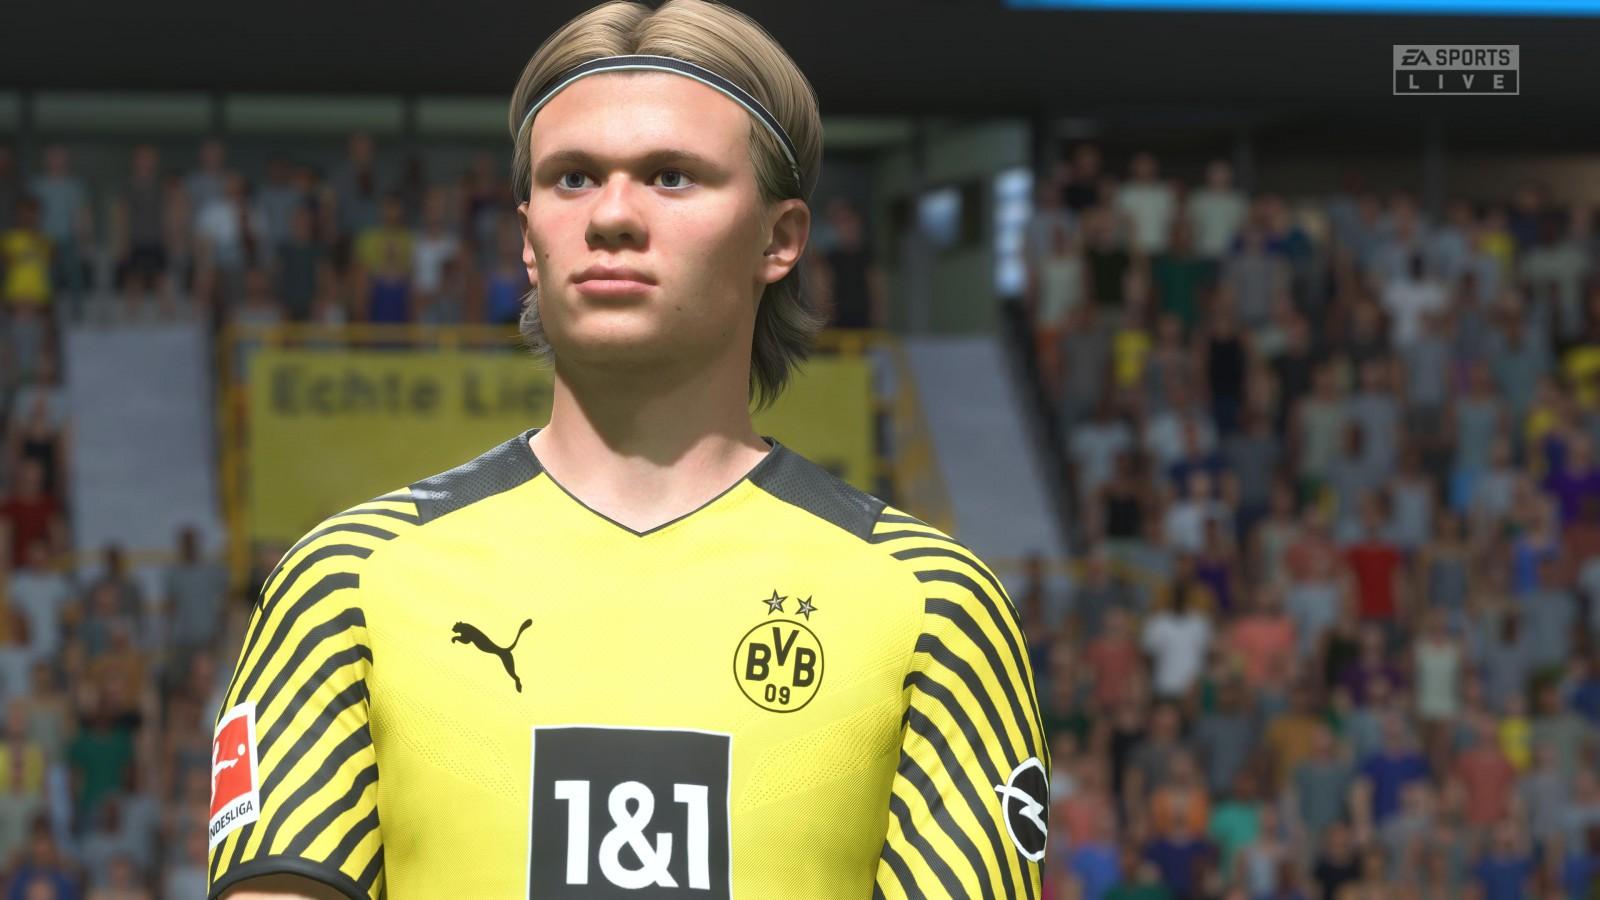 Reseña: ¿Será FIFA 22 un golazo o no? 1